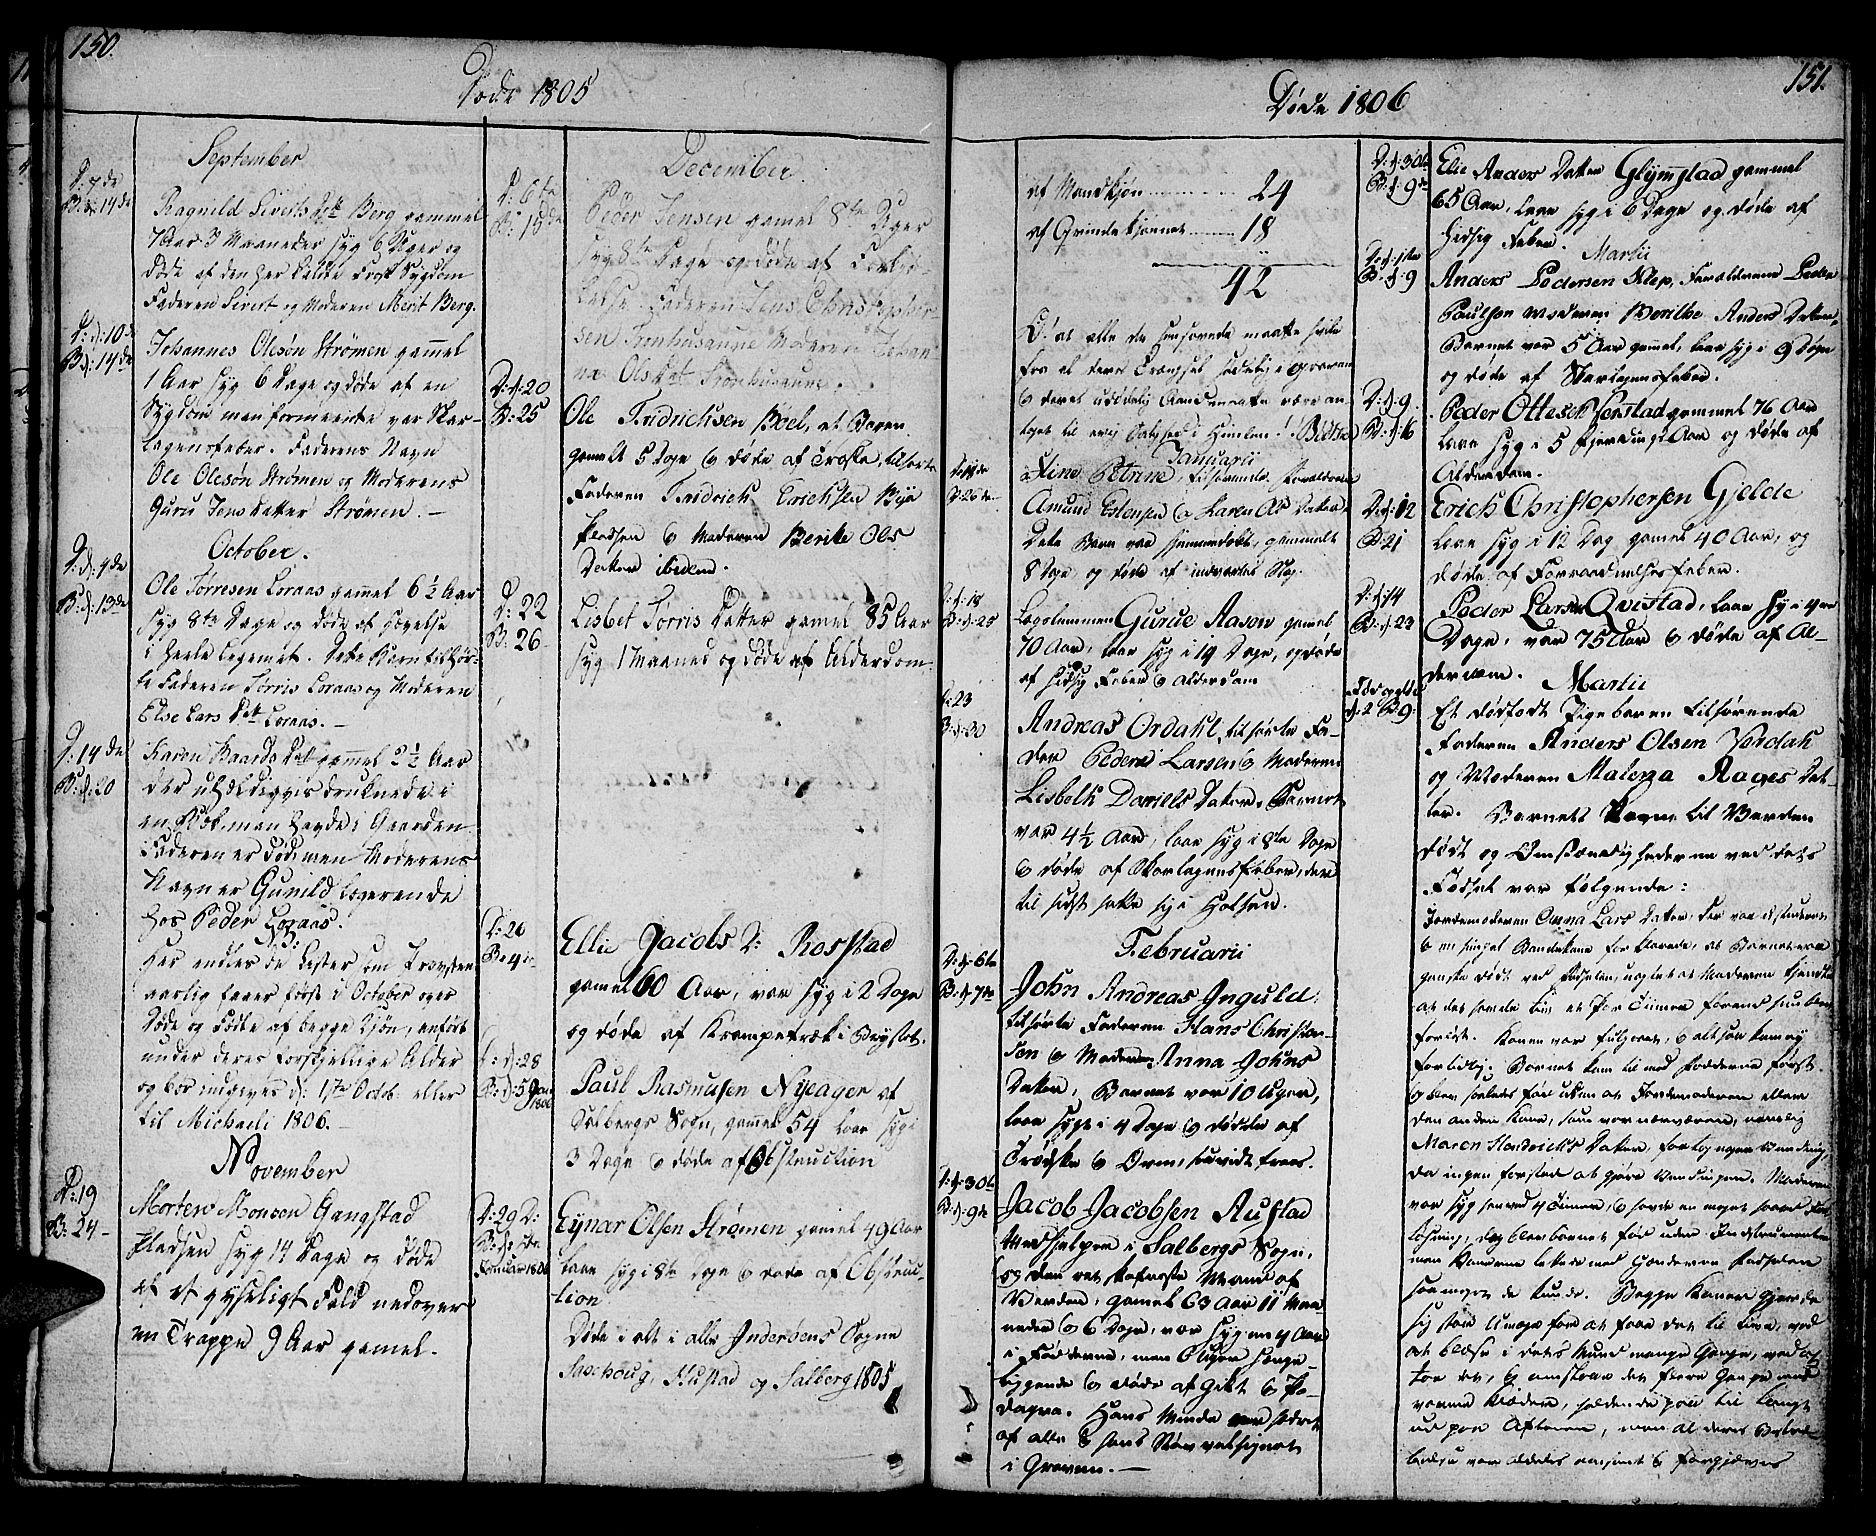 SAT, Ministerialprotokoller, klokkerbøker og fødselsregistre - Nord-Trøndelag, 730/L0274: Ministerialbok nr. 730A03, 1802-1816, s. 150-151